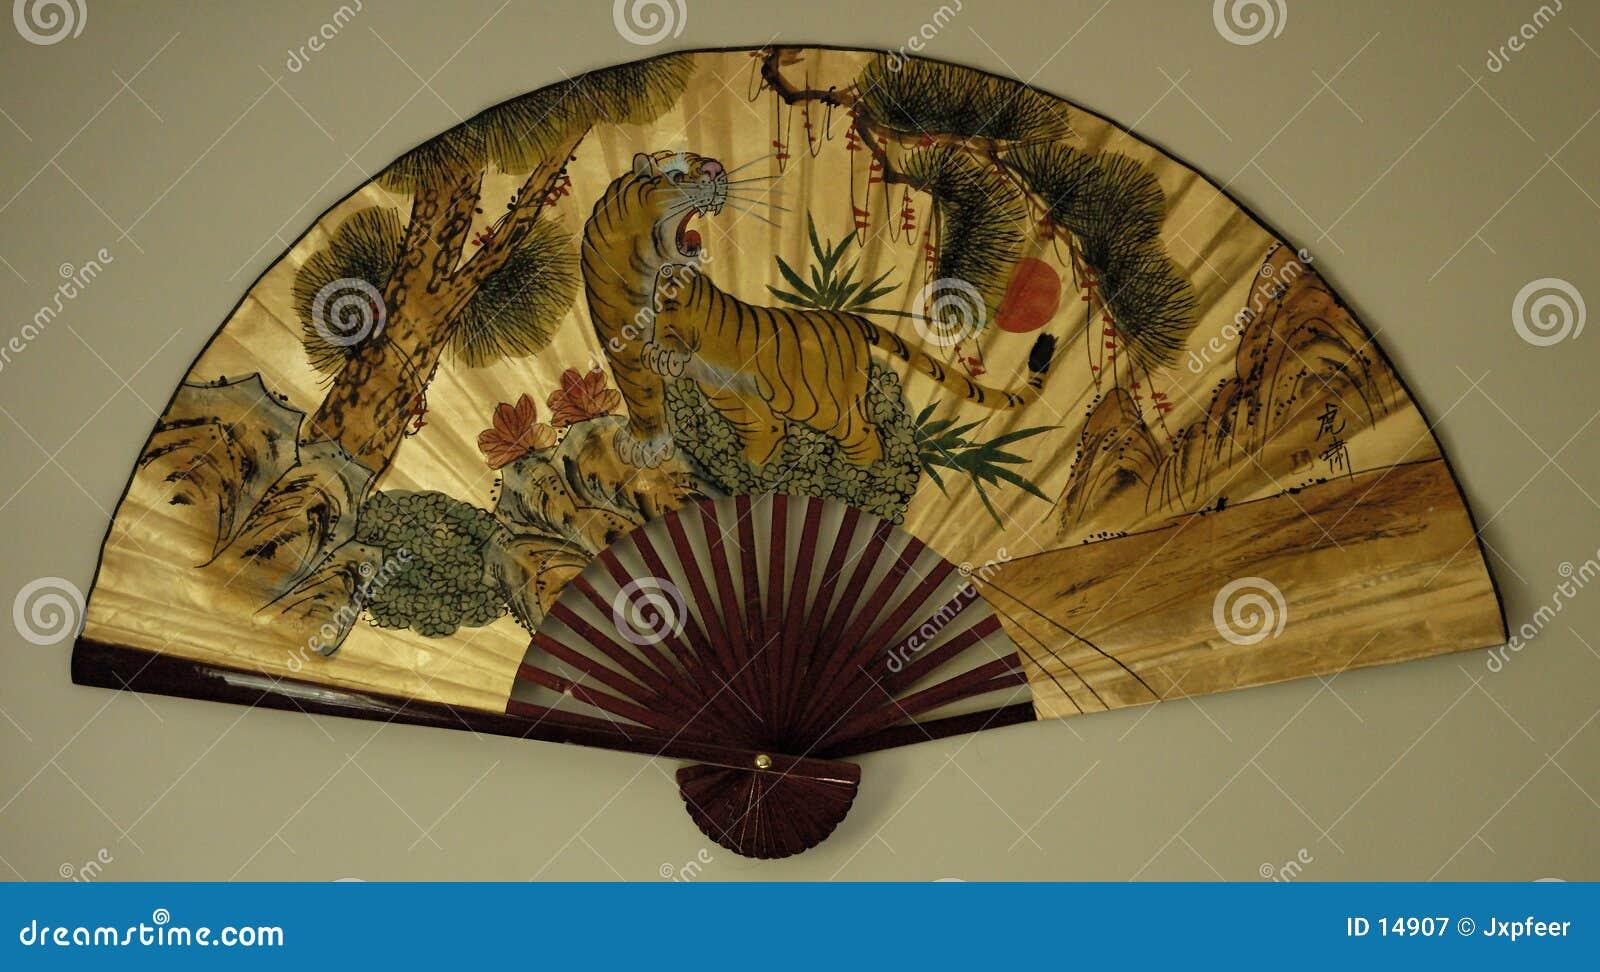 Ventilateur asiatique 1